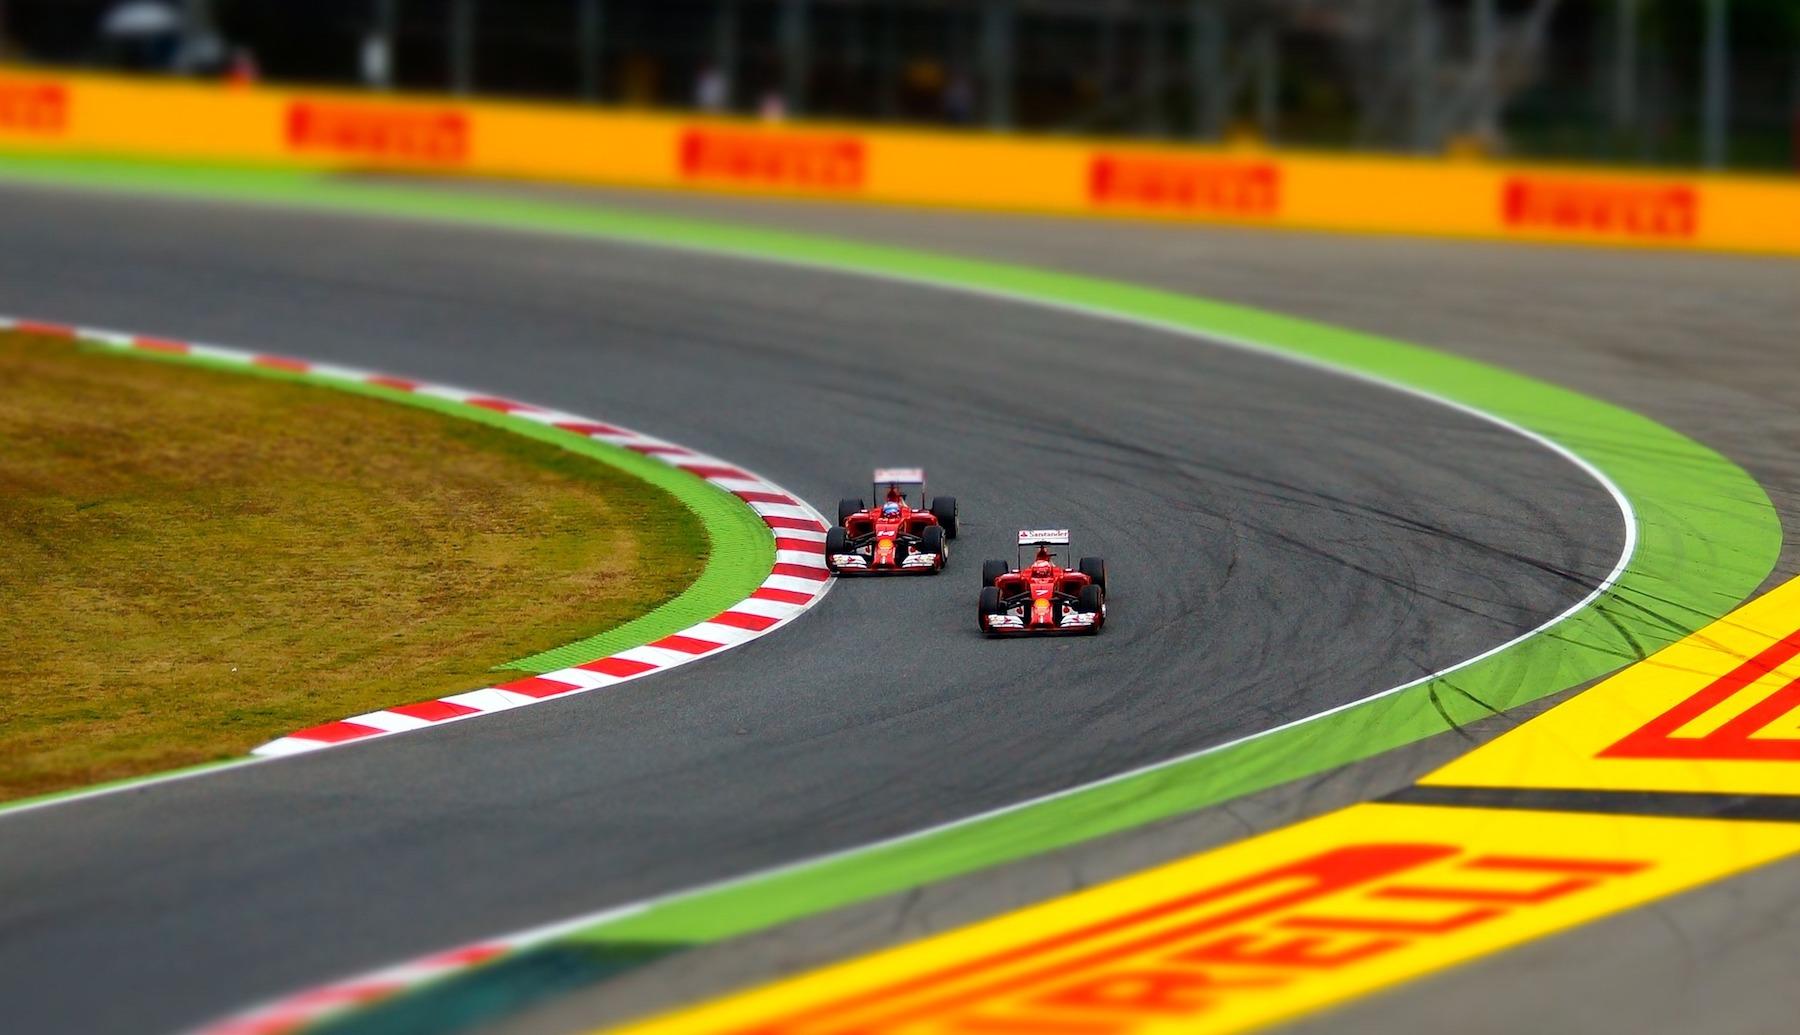 car-racing-1404063 1920